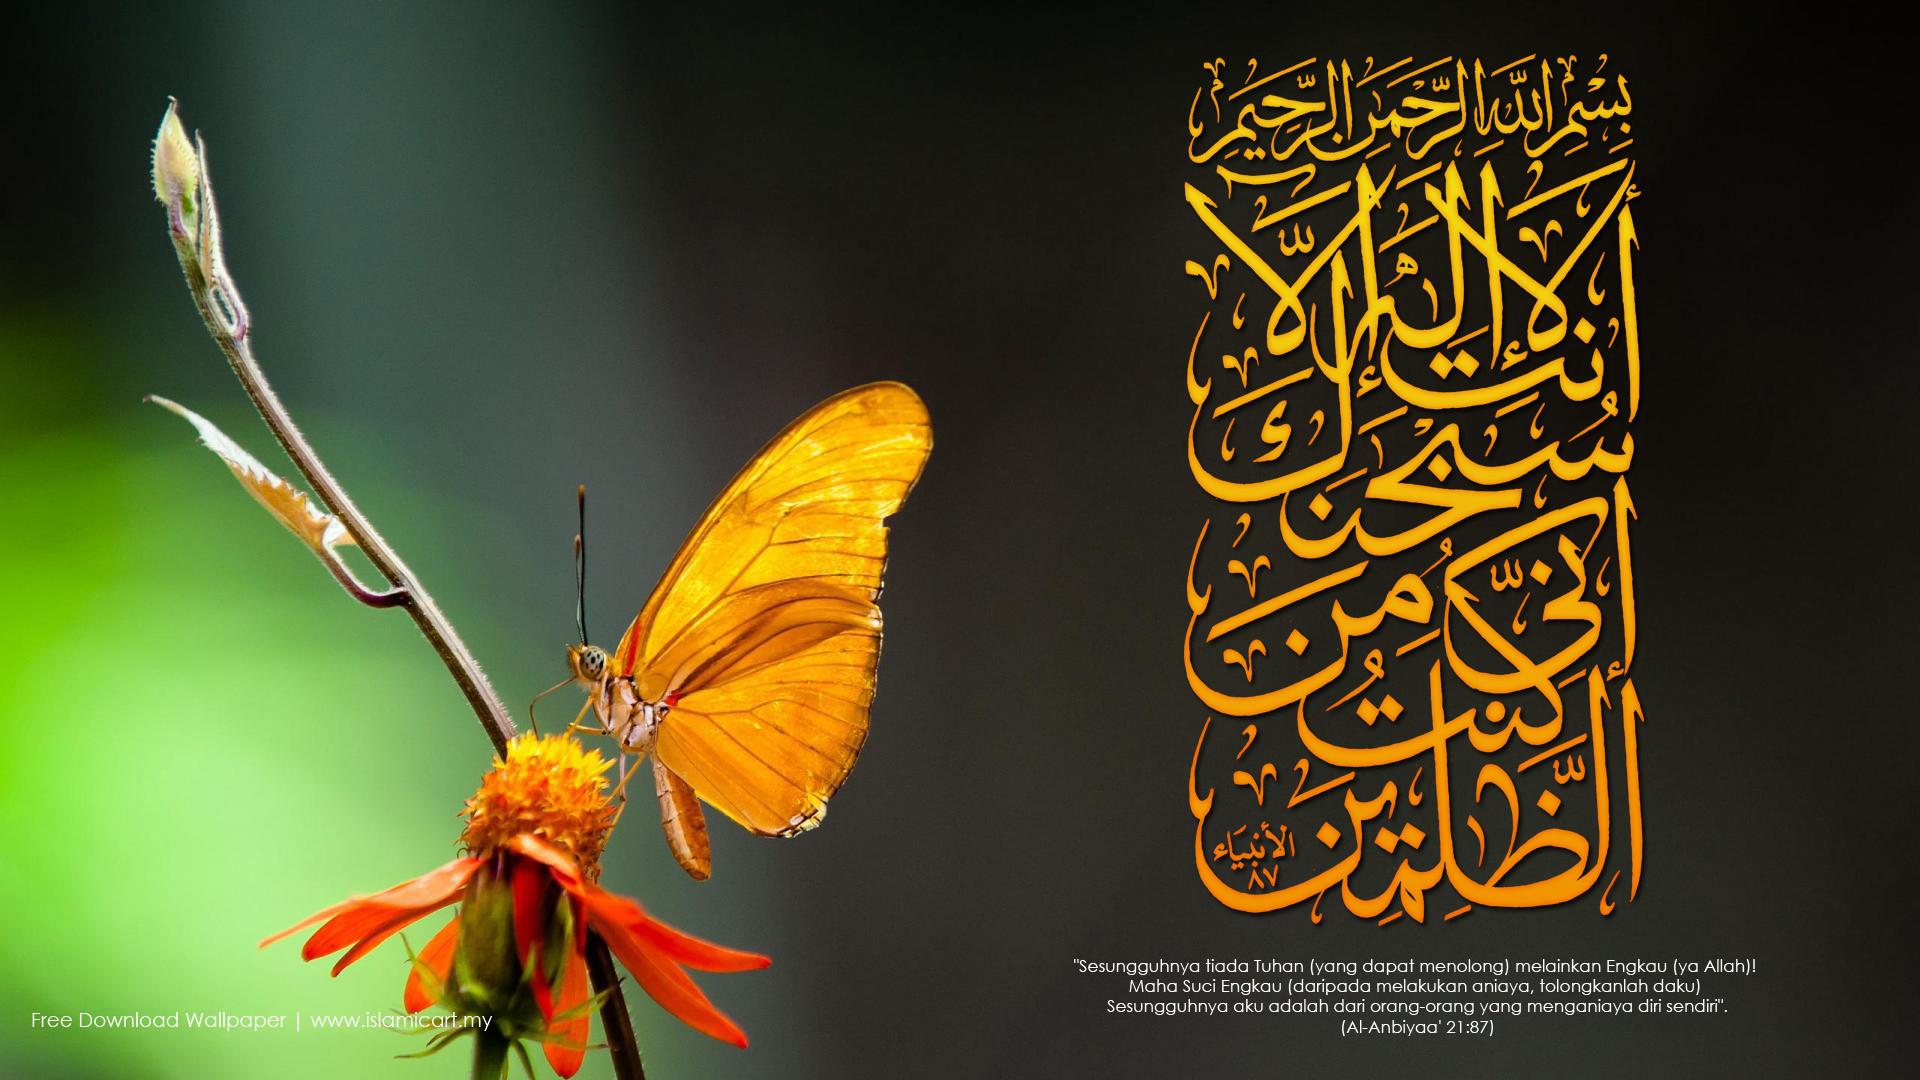 1920x1080, Free Islamic Wallpaper   Data Id 325742 - Islamic Ayat Wall Paper - HD Wallpaper